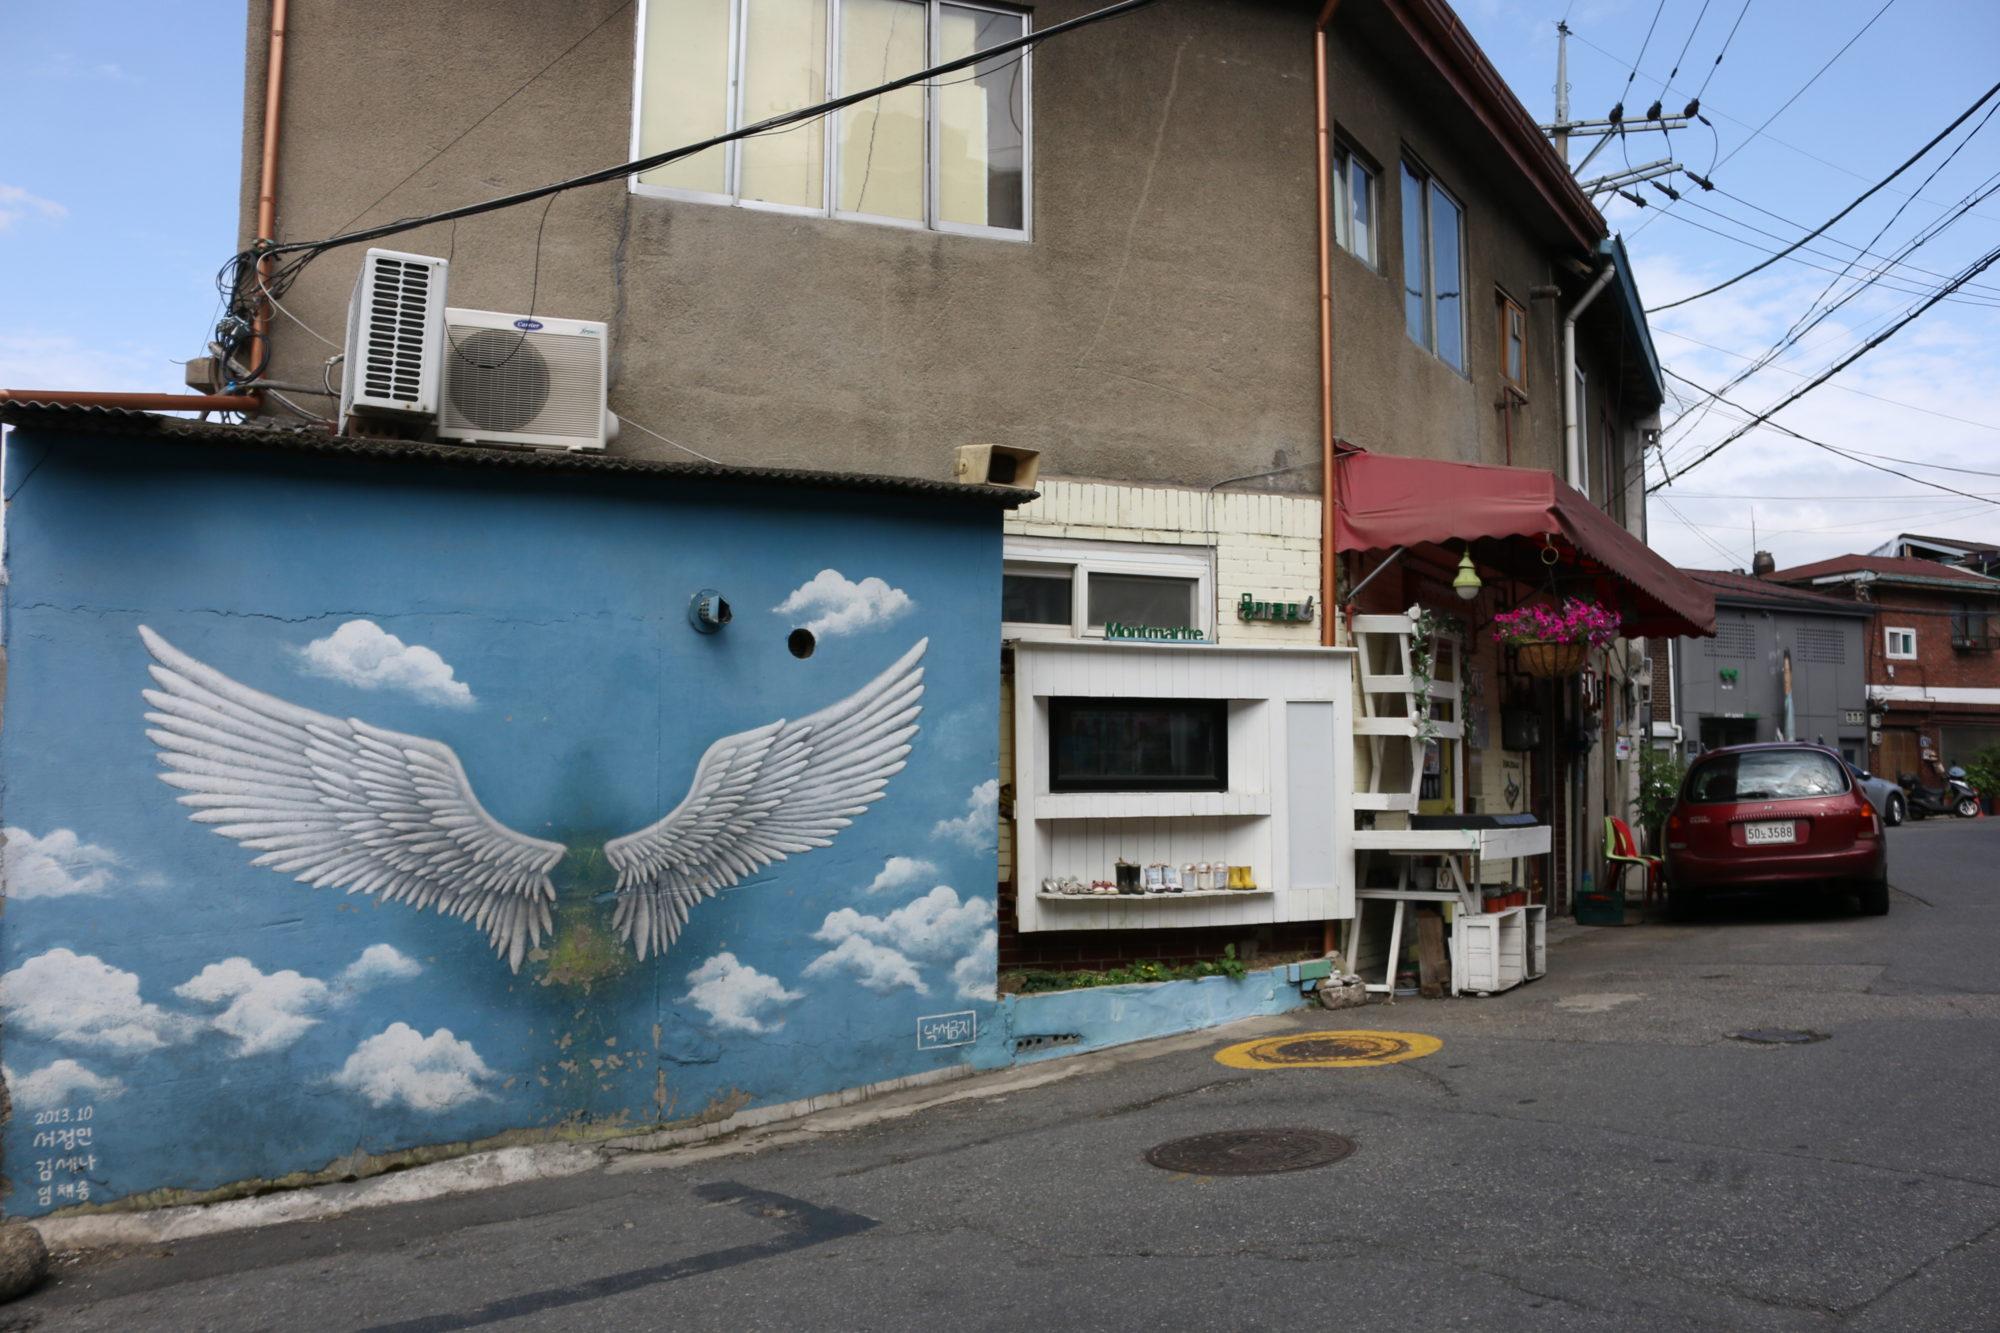 韓国 ソウル 壁画村でインスタ映えする写真を撮る〜2泊3日のソウル旅〜